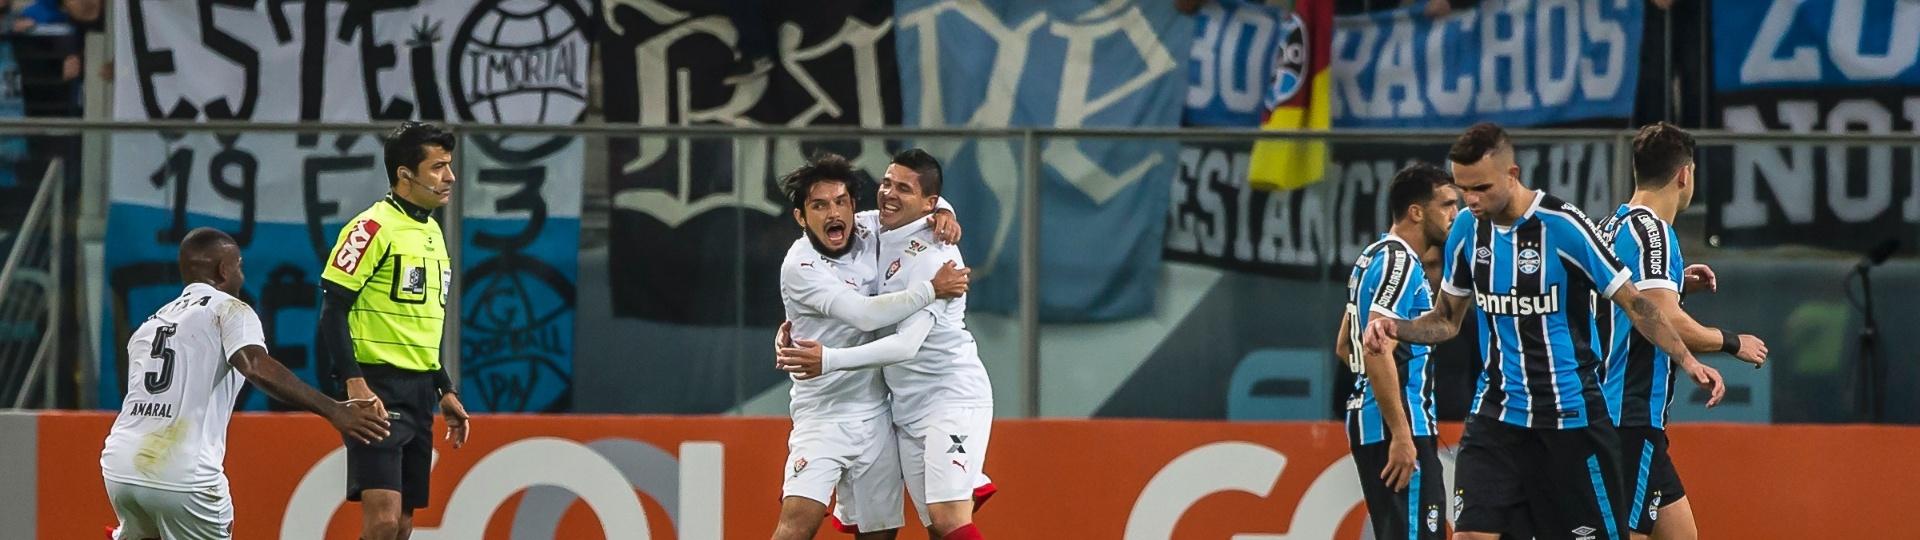 Vitória comemora um dos gols contra o Grêmio